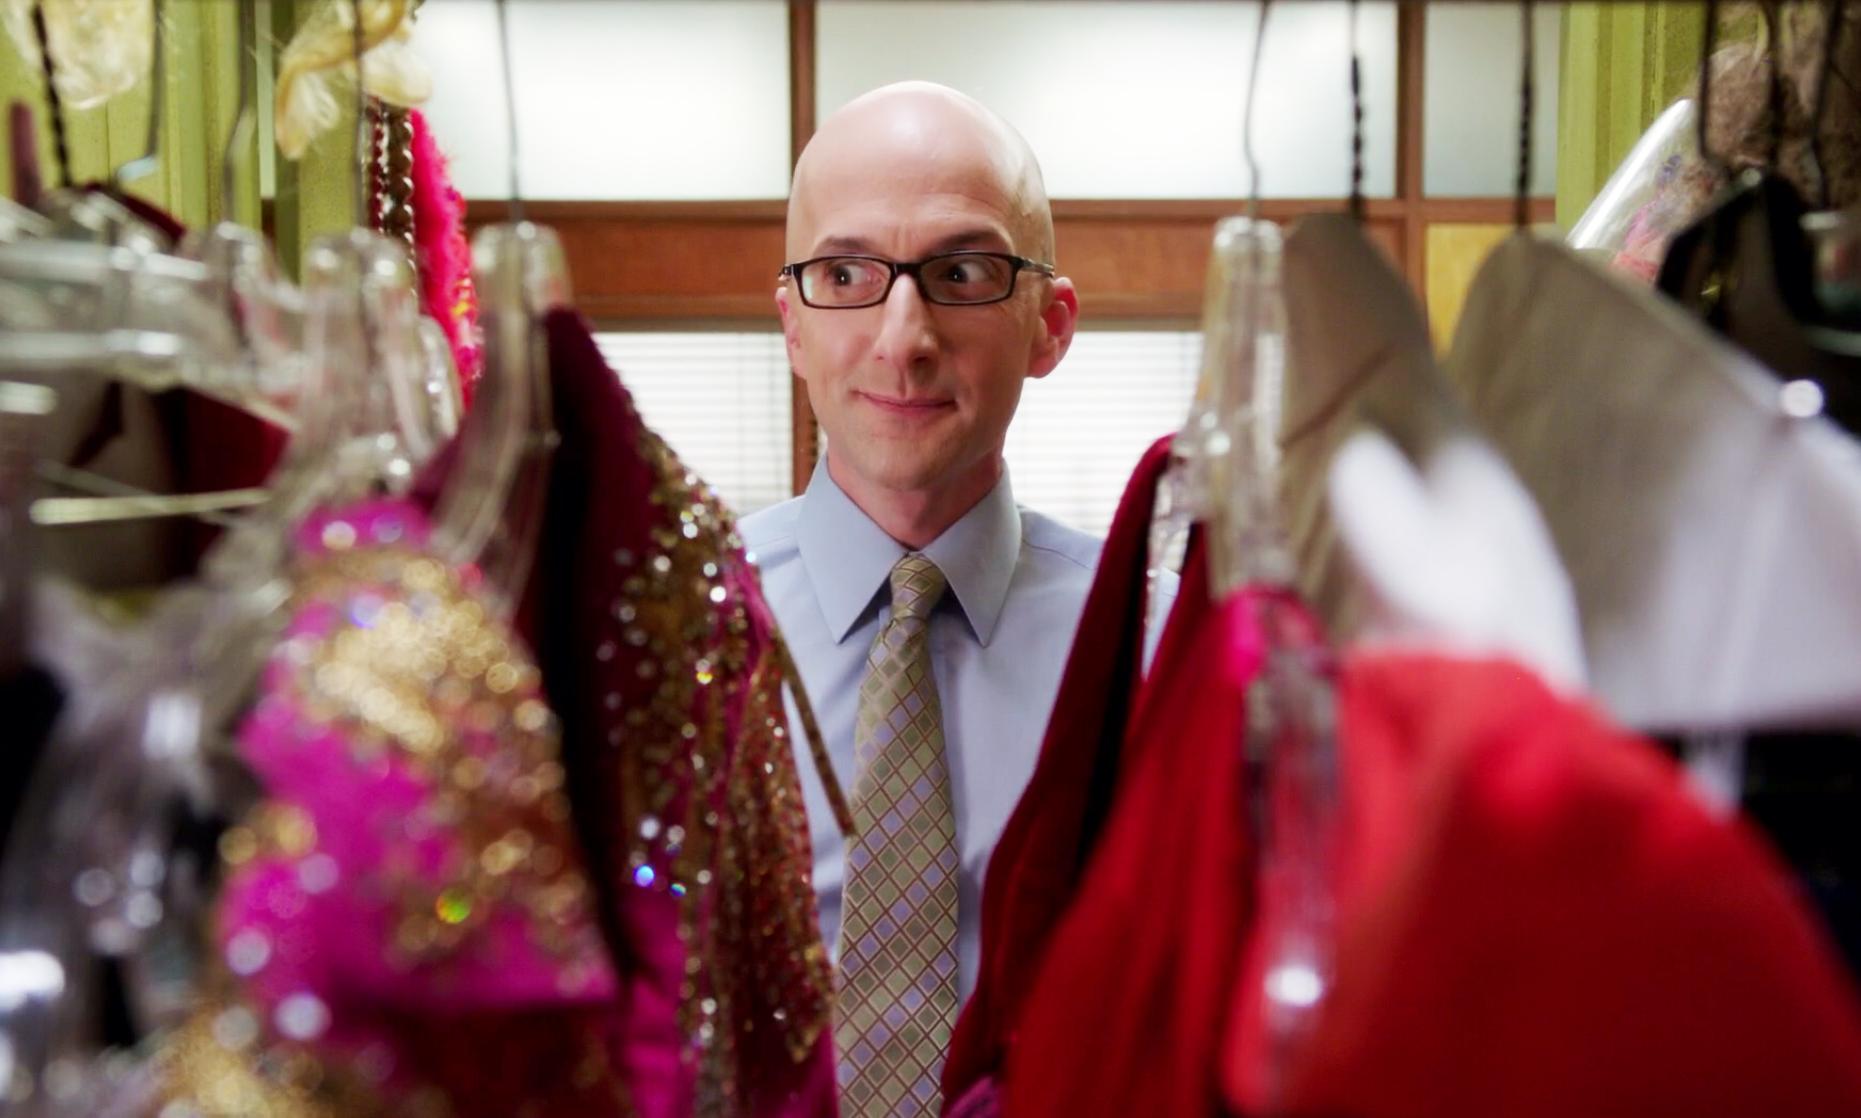 Dove finiscono gli abiti indossati dai nostri personaggi tv preferiti?